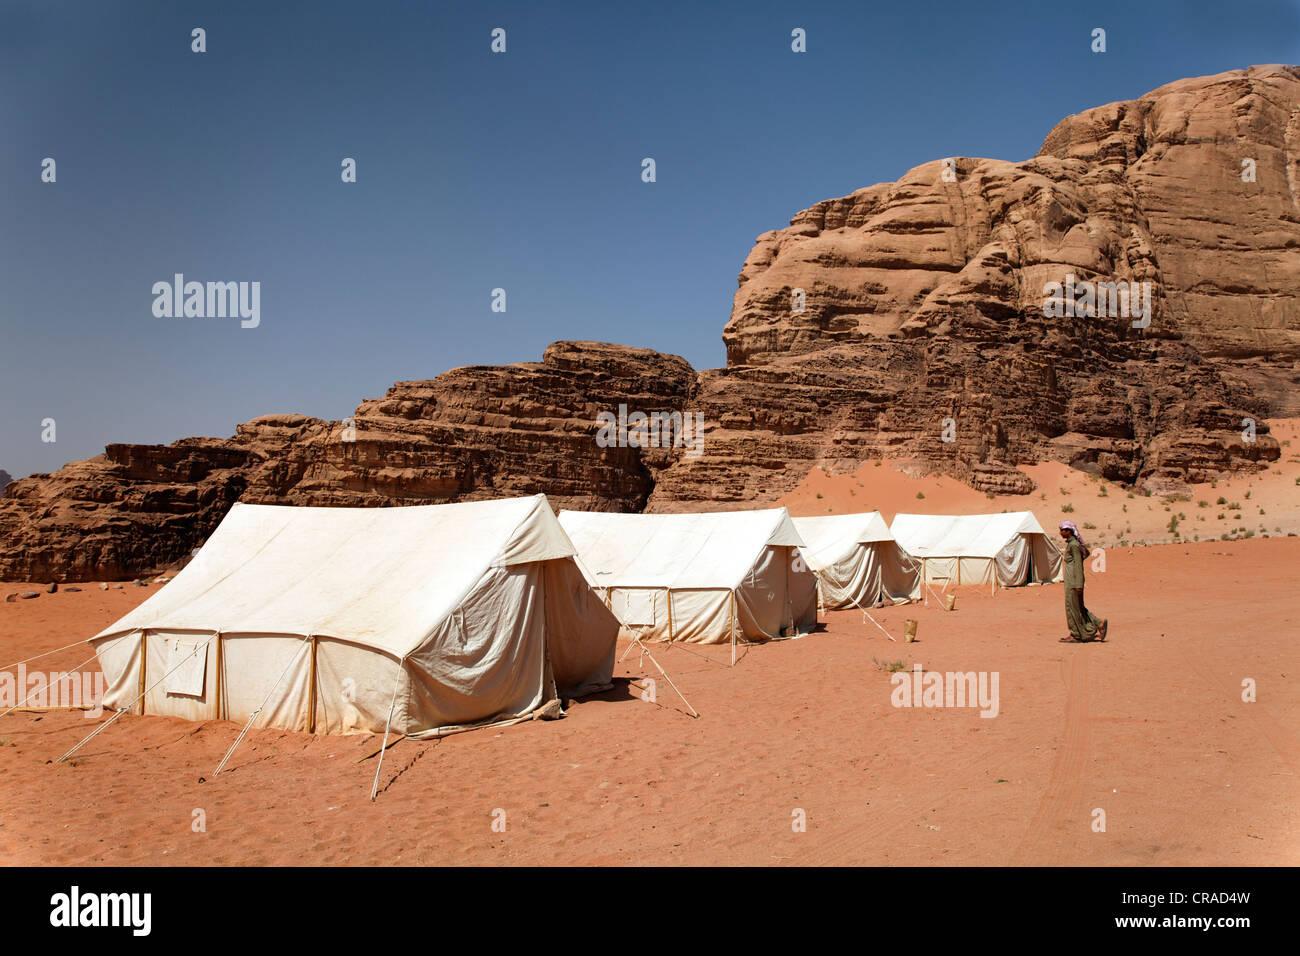 Lager für Touristen, Zelte, Beduinen, Berge, Wüste, Naturschutzgebiet, Wadi Rum, Haschemitischen Königreich Stockbild